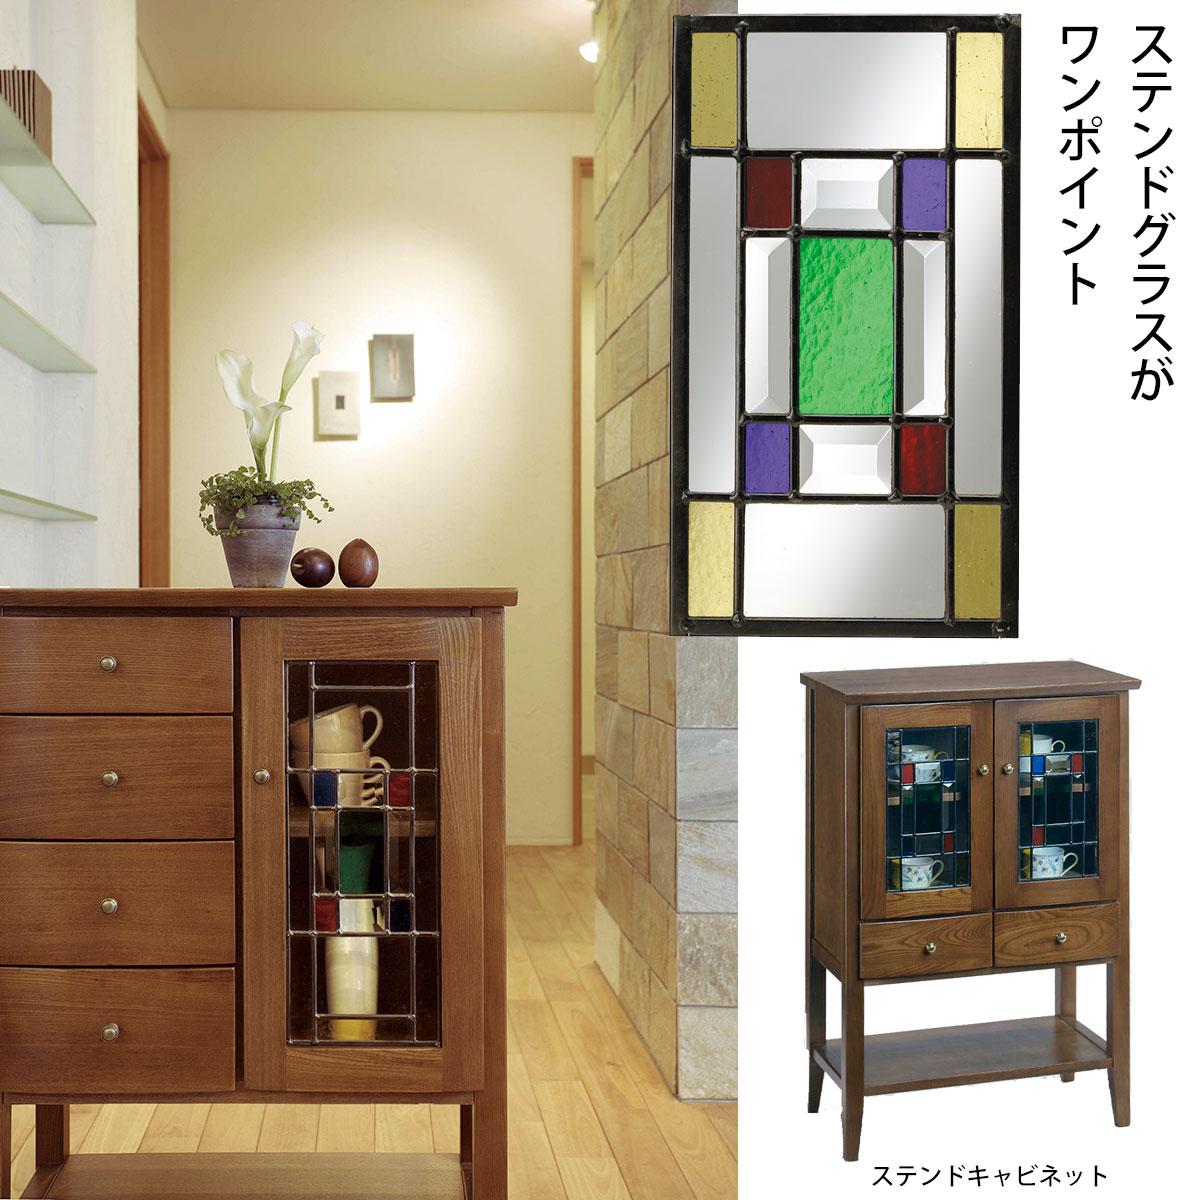 曙工芸製作所 オーロラシリーズ ステンドキャビネット AURORA-3021 幅58×奥行35.5×高さ85cm